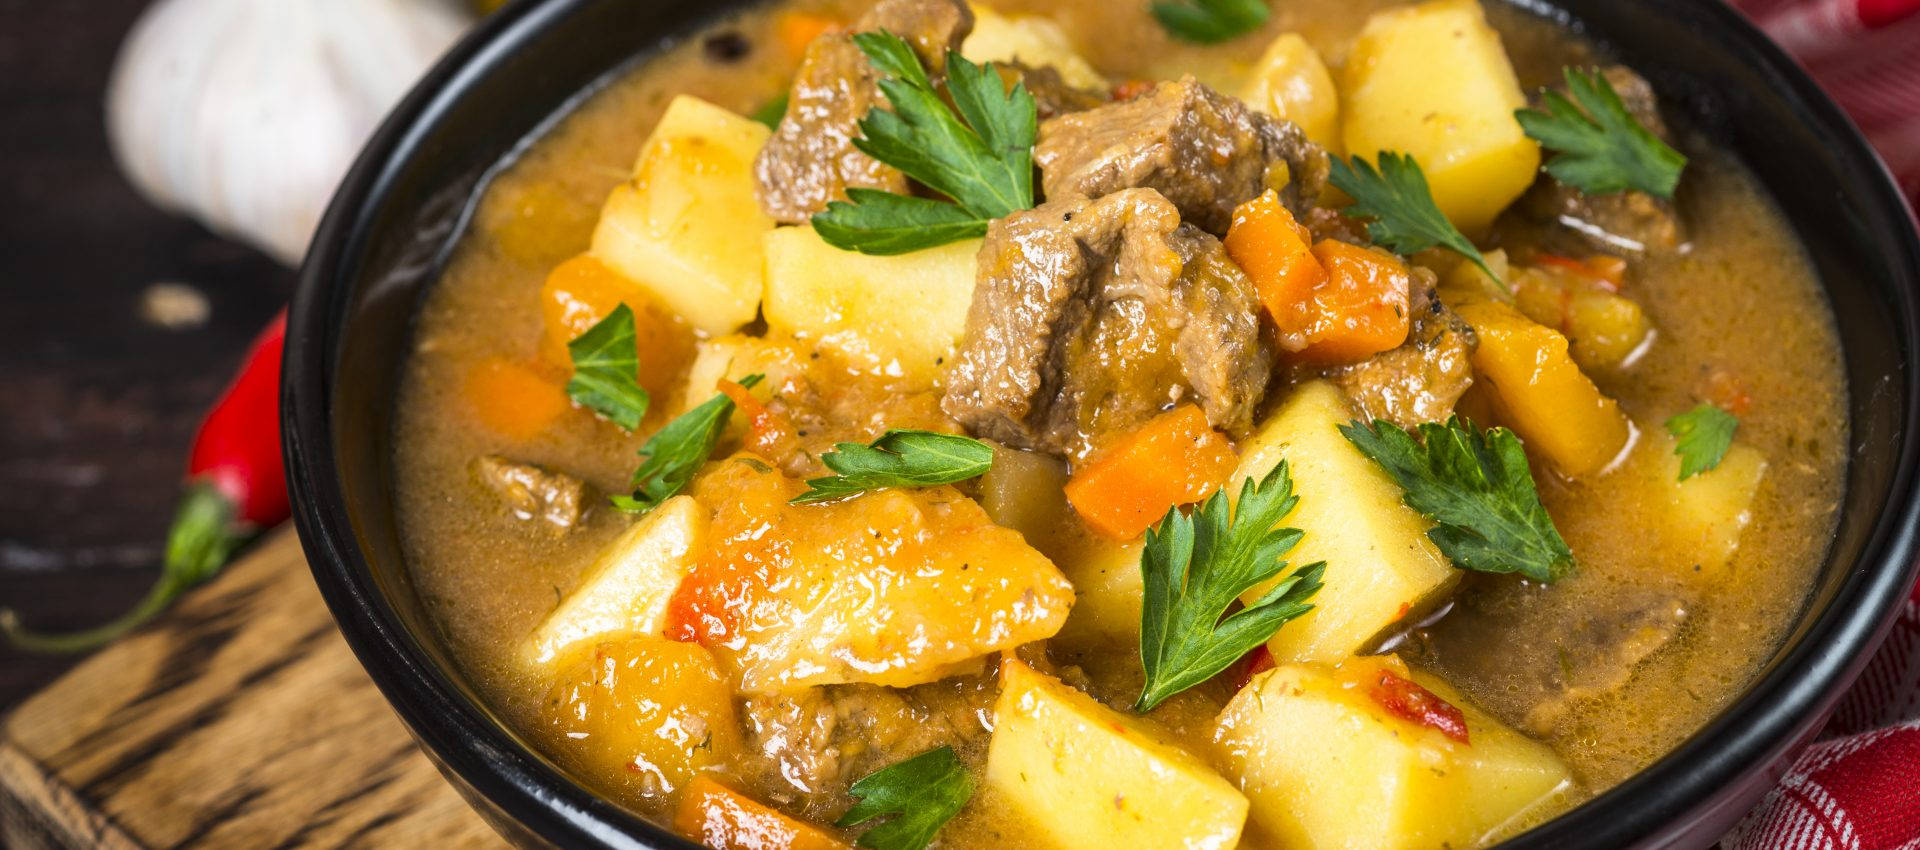 Goulash ww au cookeo